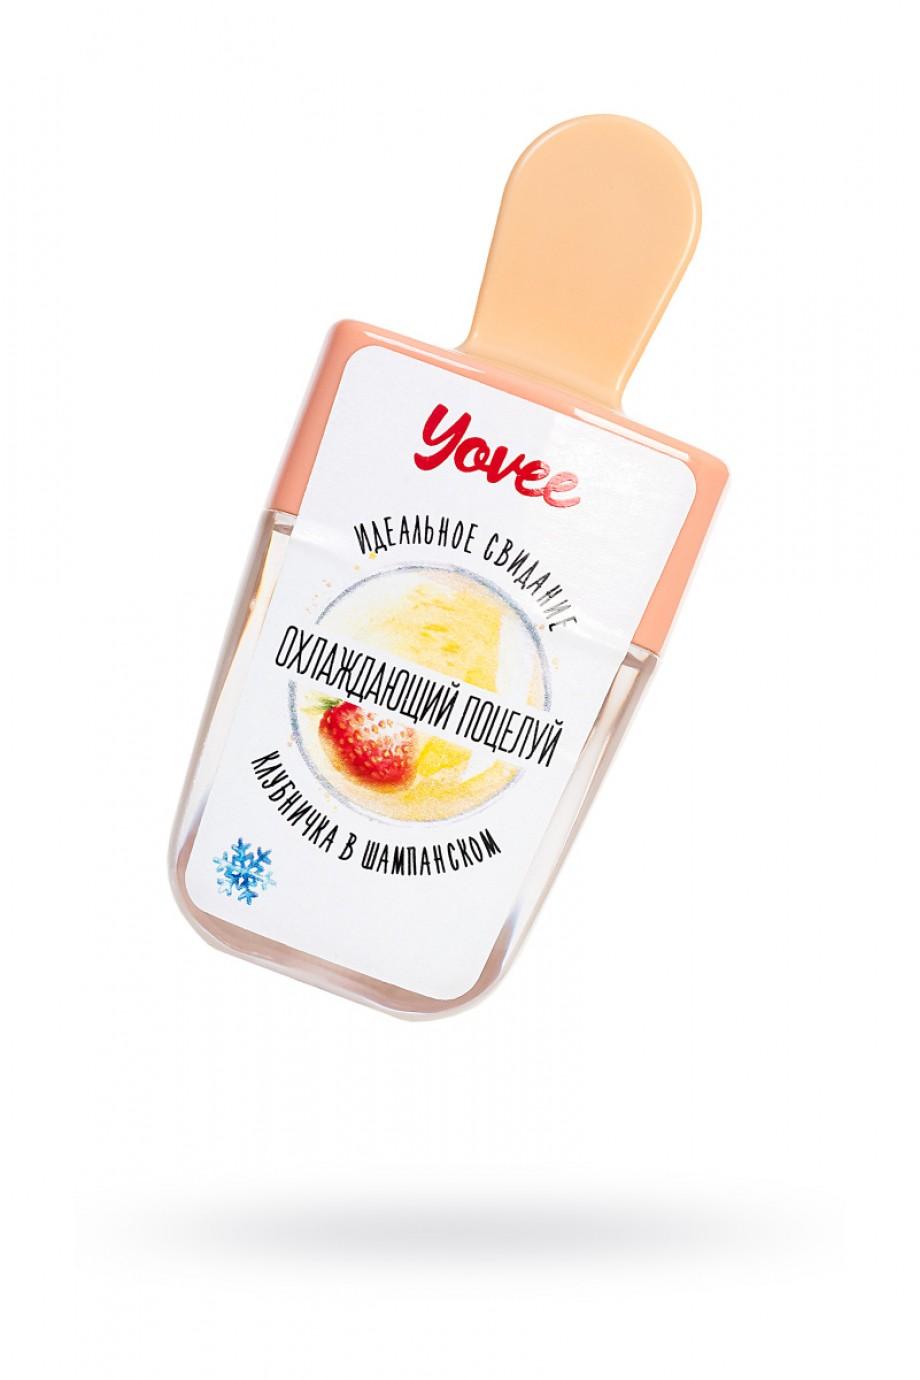 Бальзам для губ Yovee by Toyfa «Охлаждающий поцелуй» со вкусом пьяной клубнички, 5,5 мл